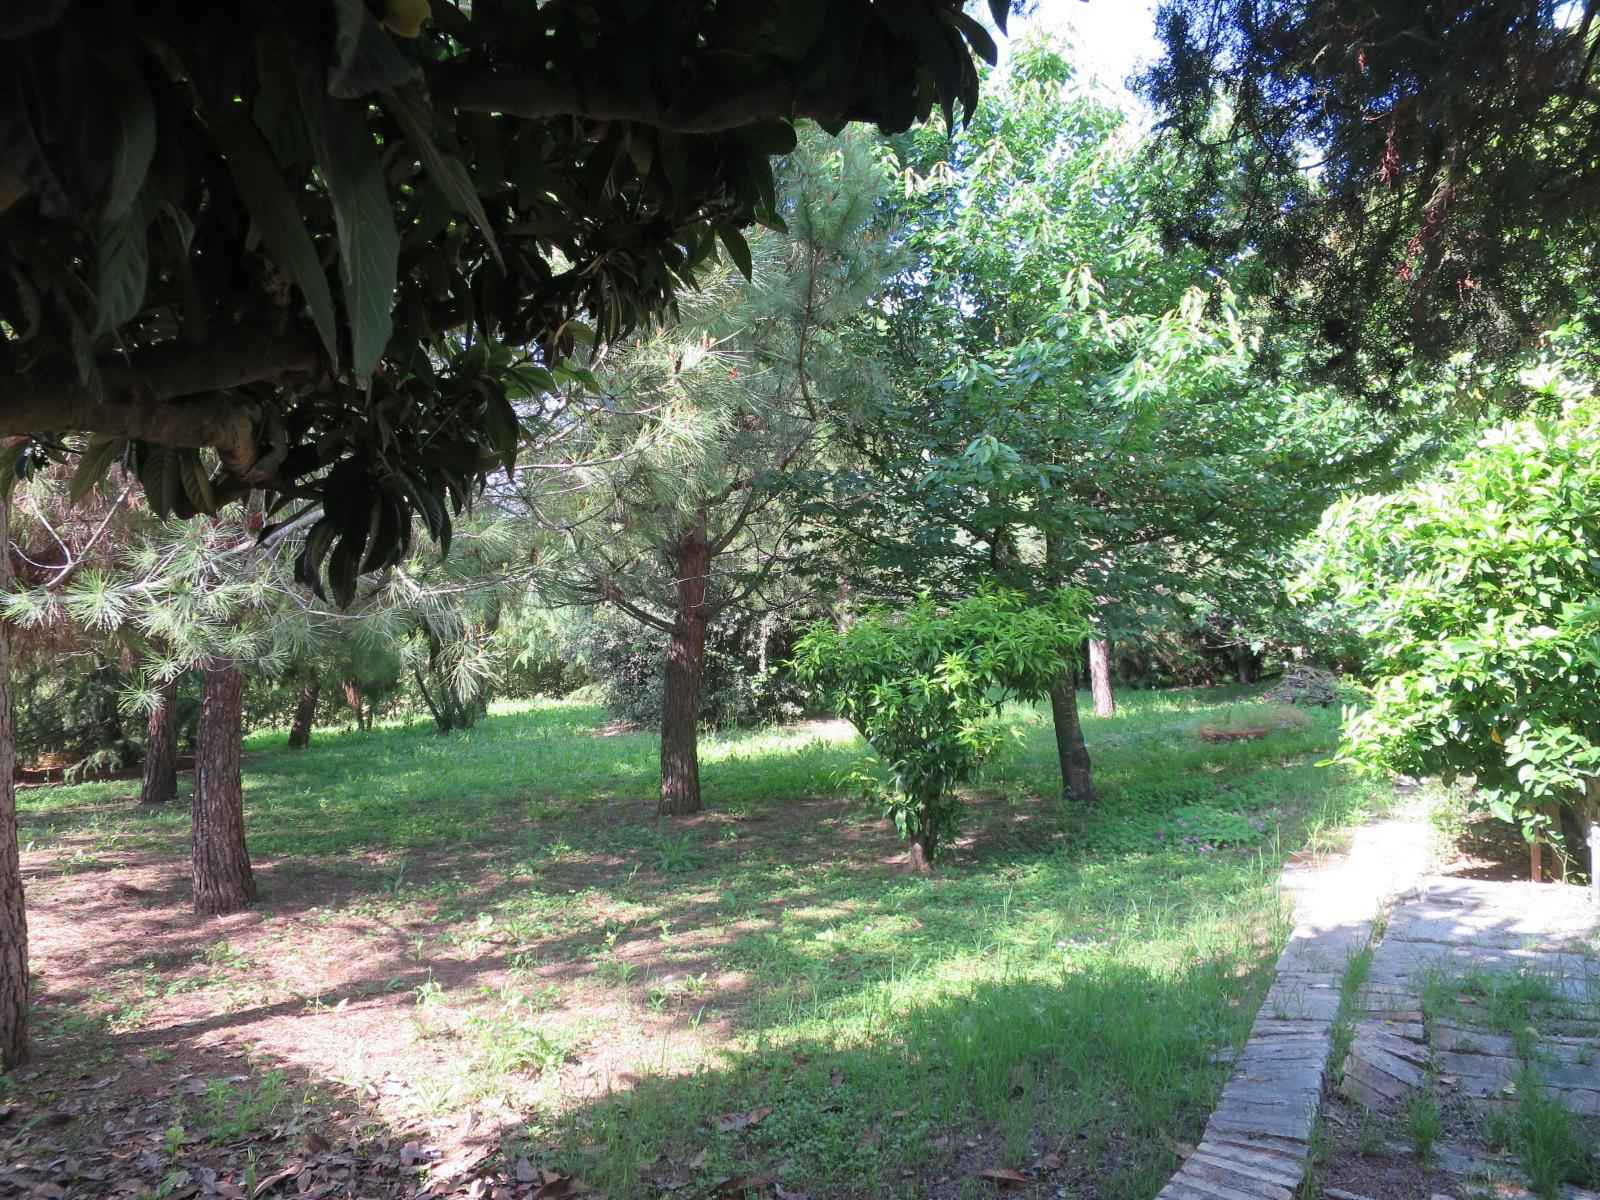 Villa Villa for sale Roseto degli Abruzzi (TE), Villa del Marinaio - Roseto degli Abruzzi - EUR 385.559 700